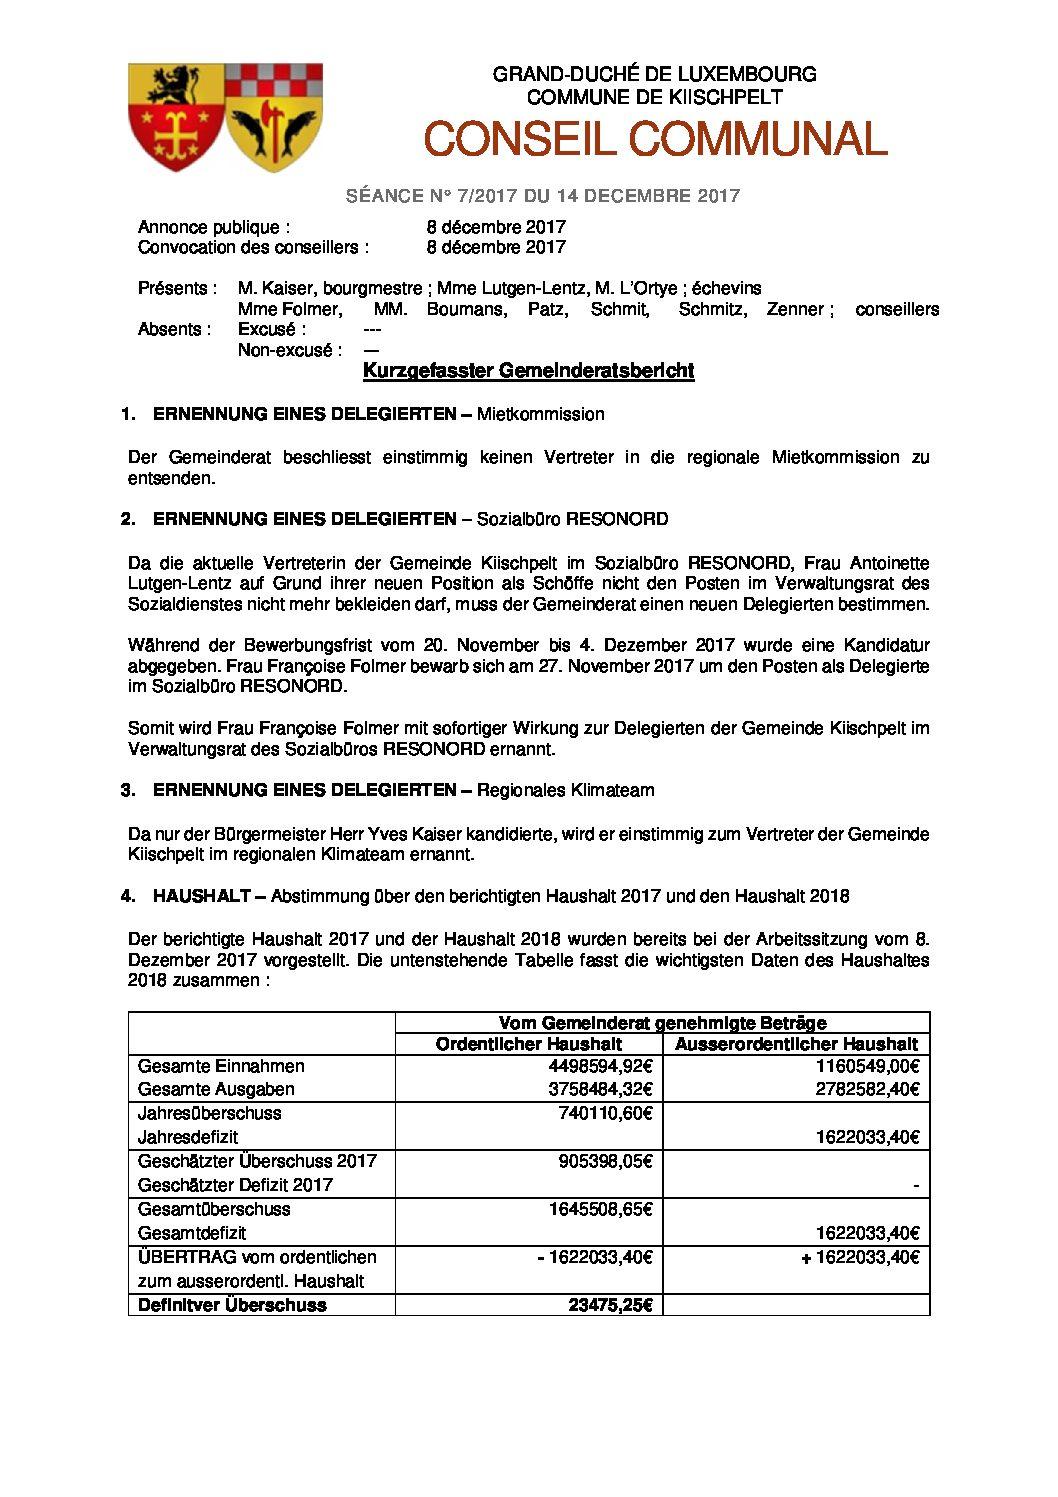 Gemeinderats Bericht vom 8. Dezember 2017